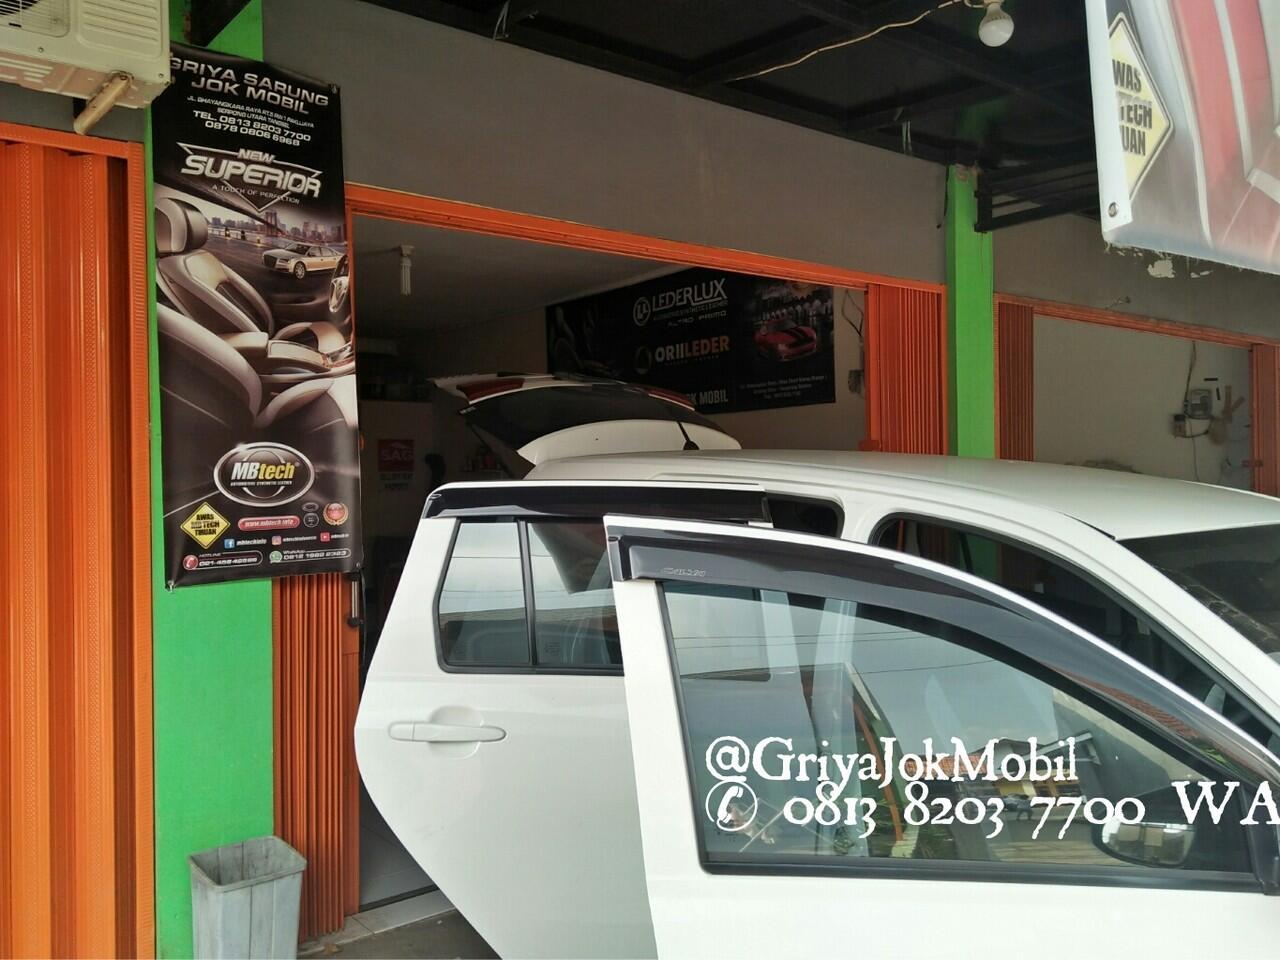 Lowongan Kerja Jahit Jok Mobil di Alam Sutera Tangerang